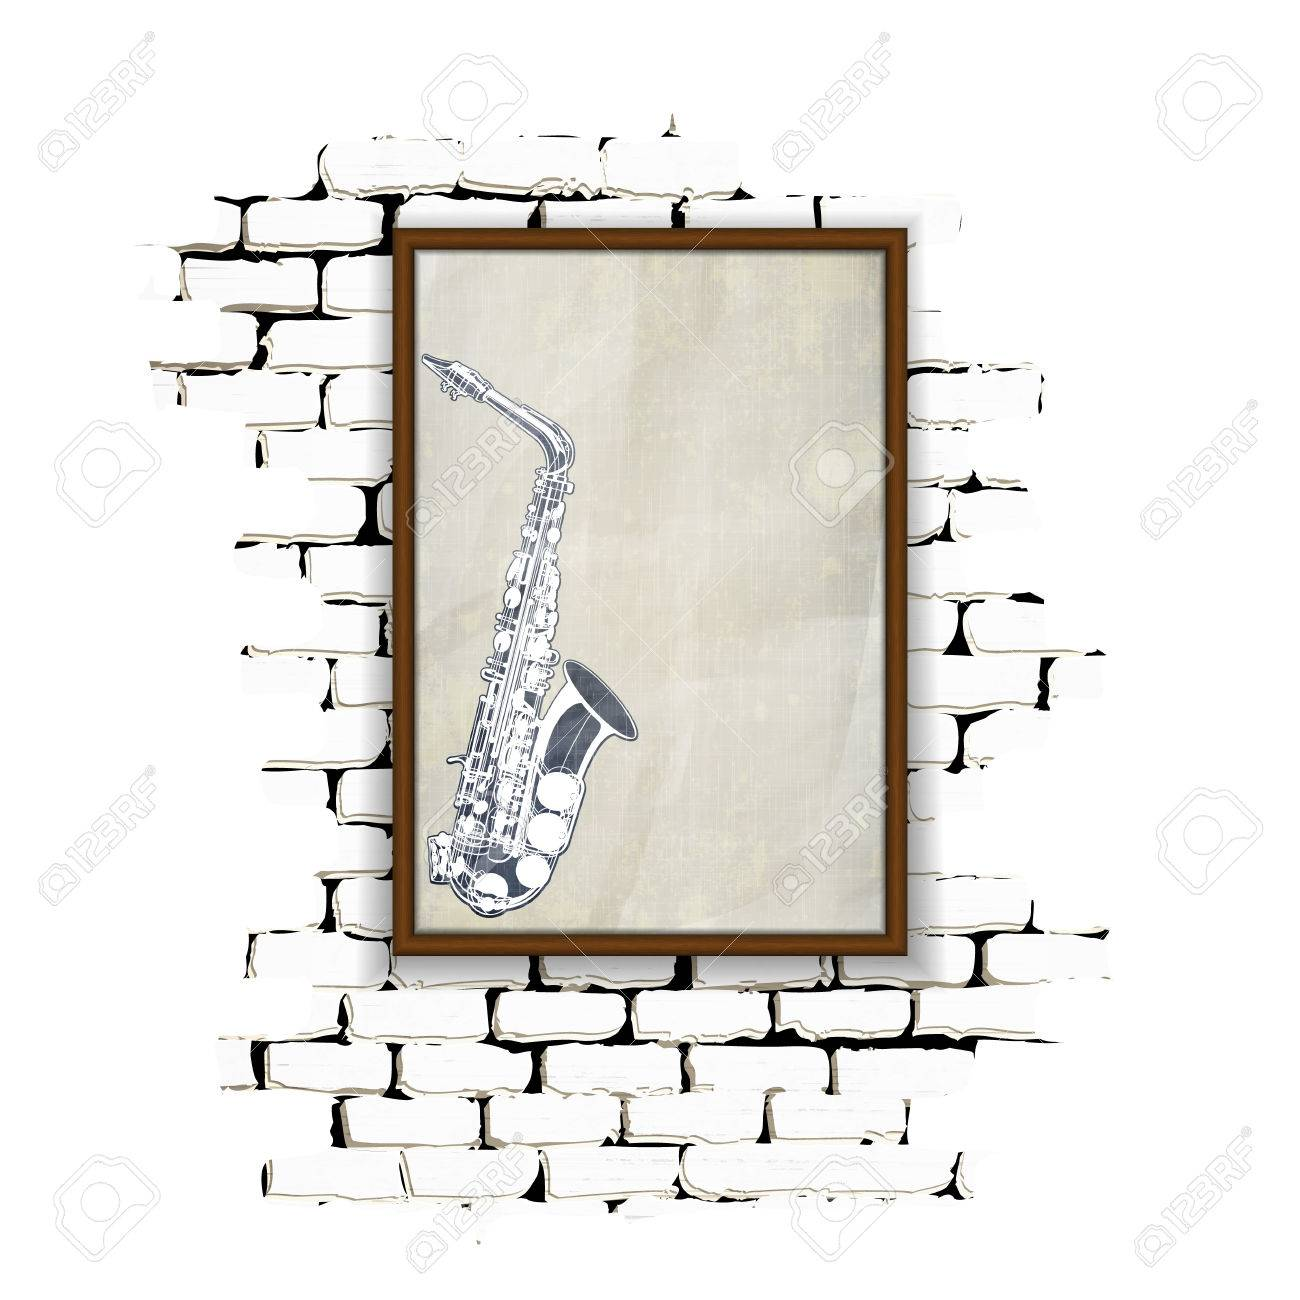 Marco Musical Fondo De Madera Con El Vidrio Y El Saxofón Con Dibujos ...